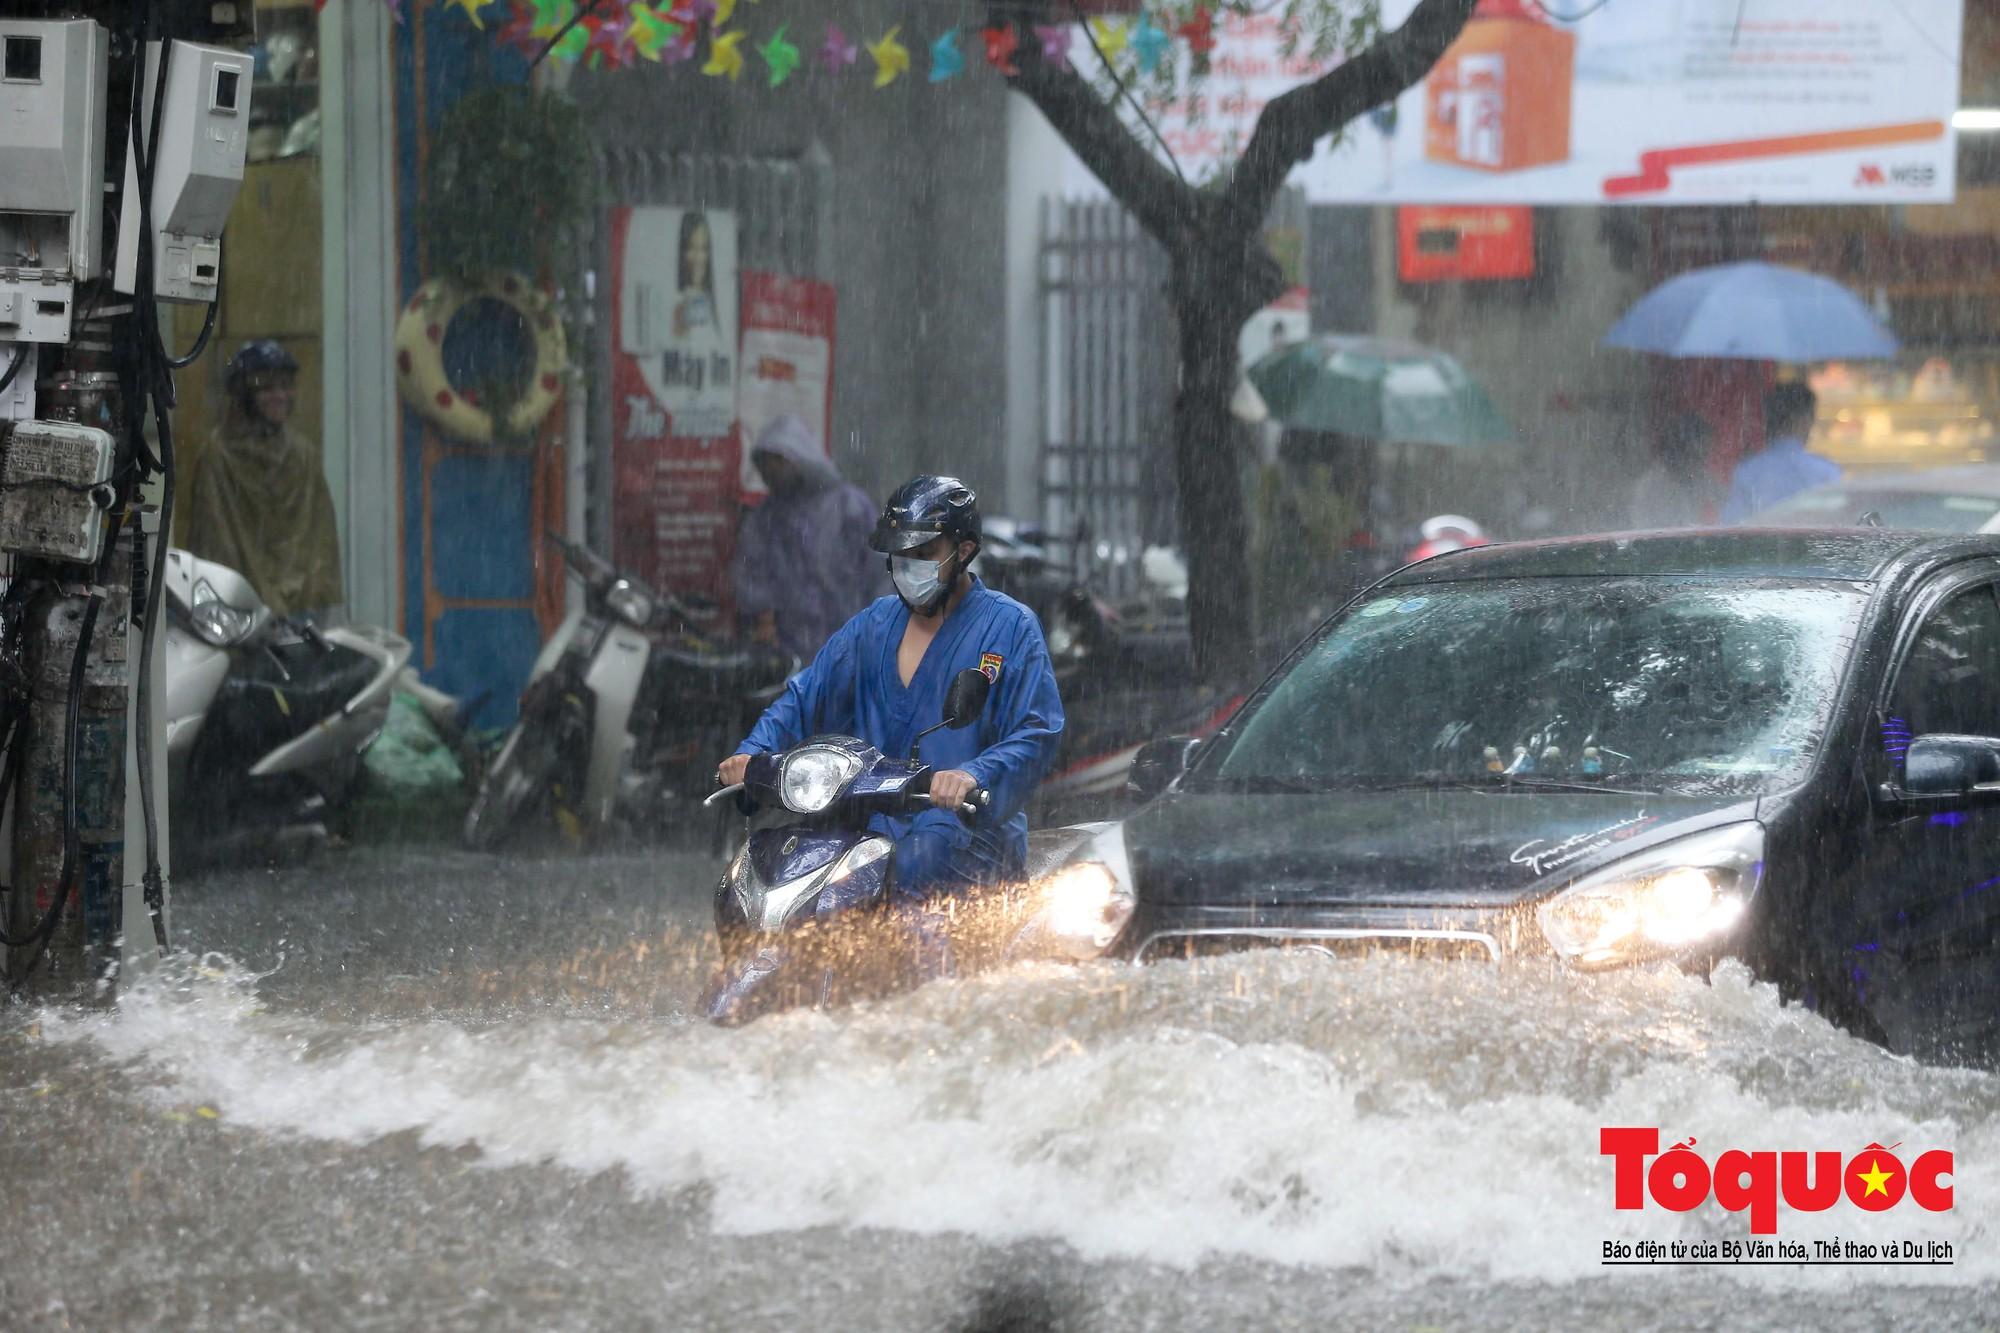 Hà Nội: mưa lớn chưa đến 30 phút, nhiều tuyến phố ngập sâu trong biển nước7